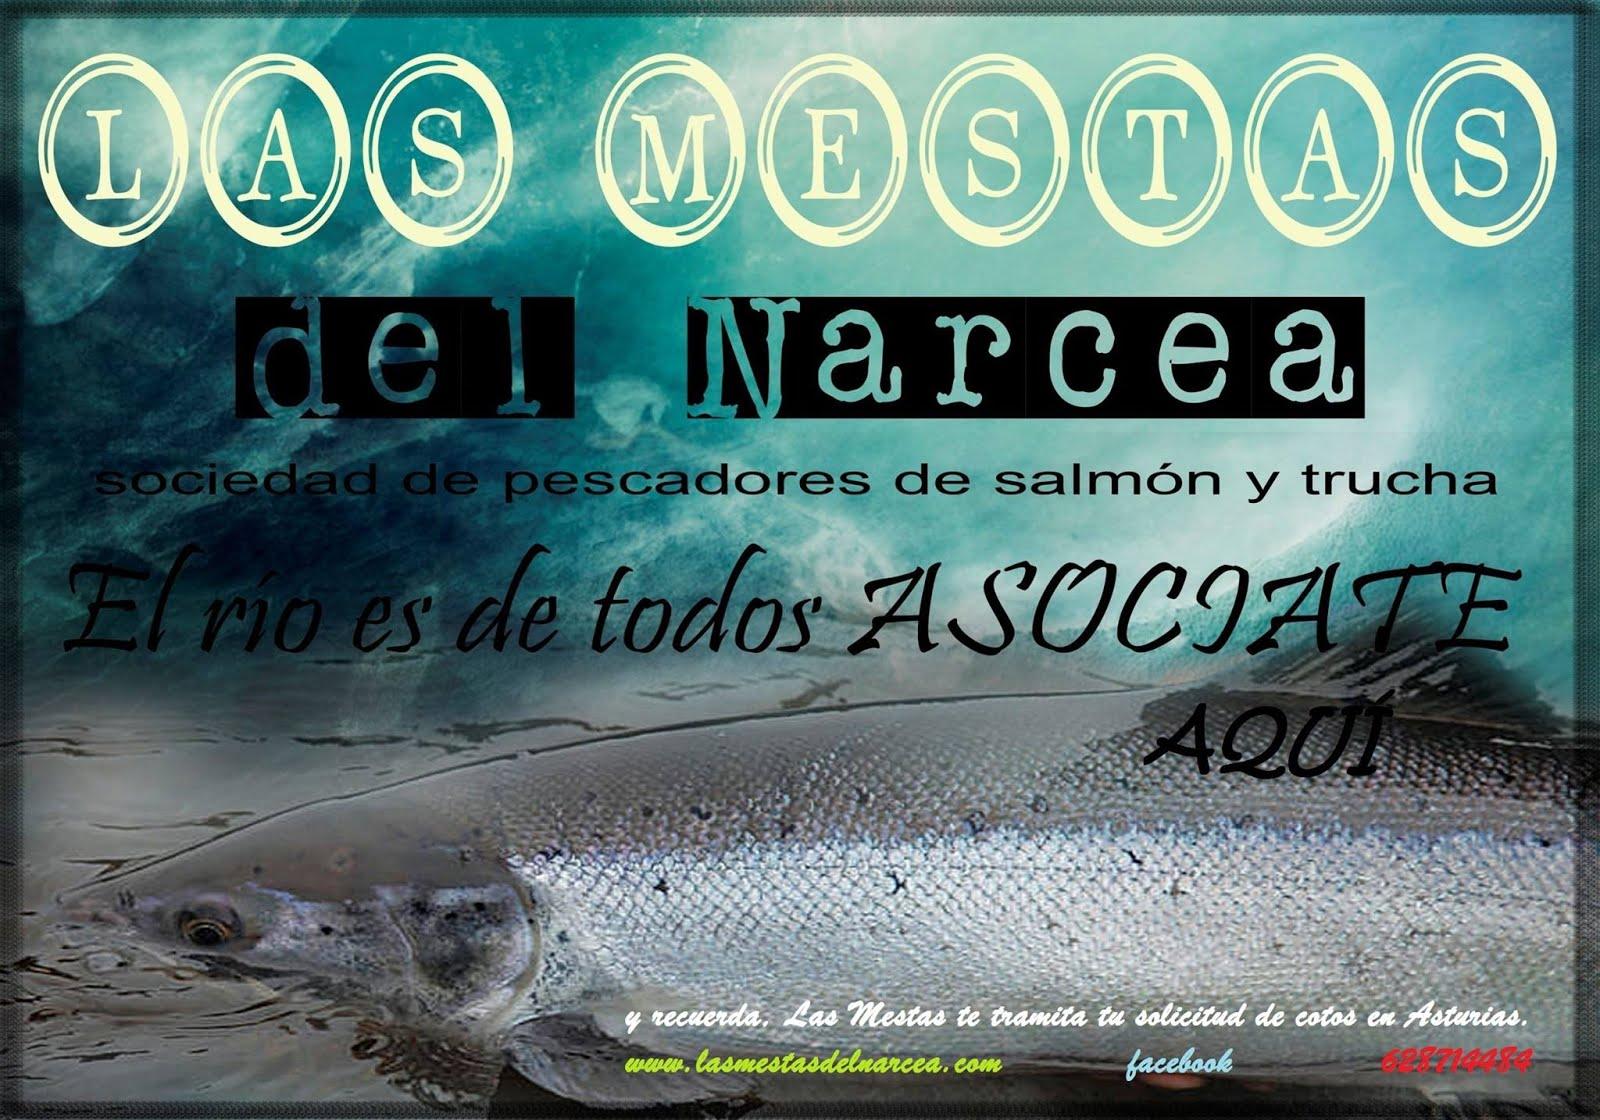 Sociedad de Pescadores Las Mestas del Narcea